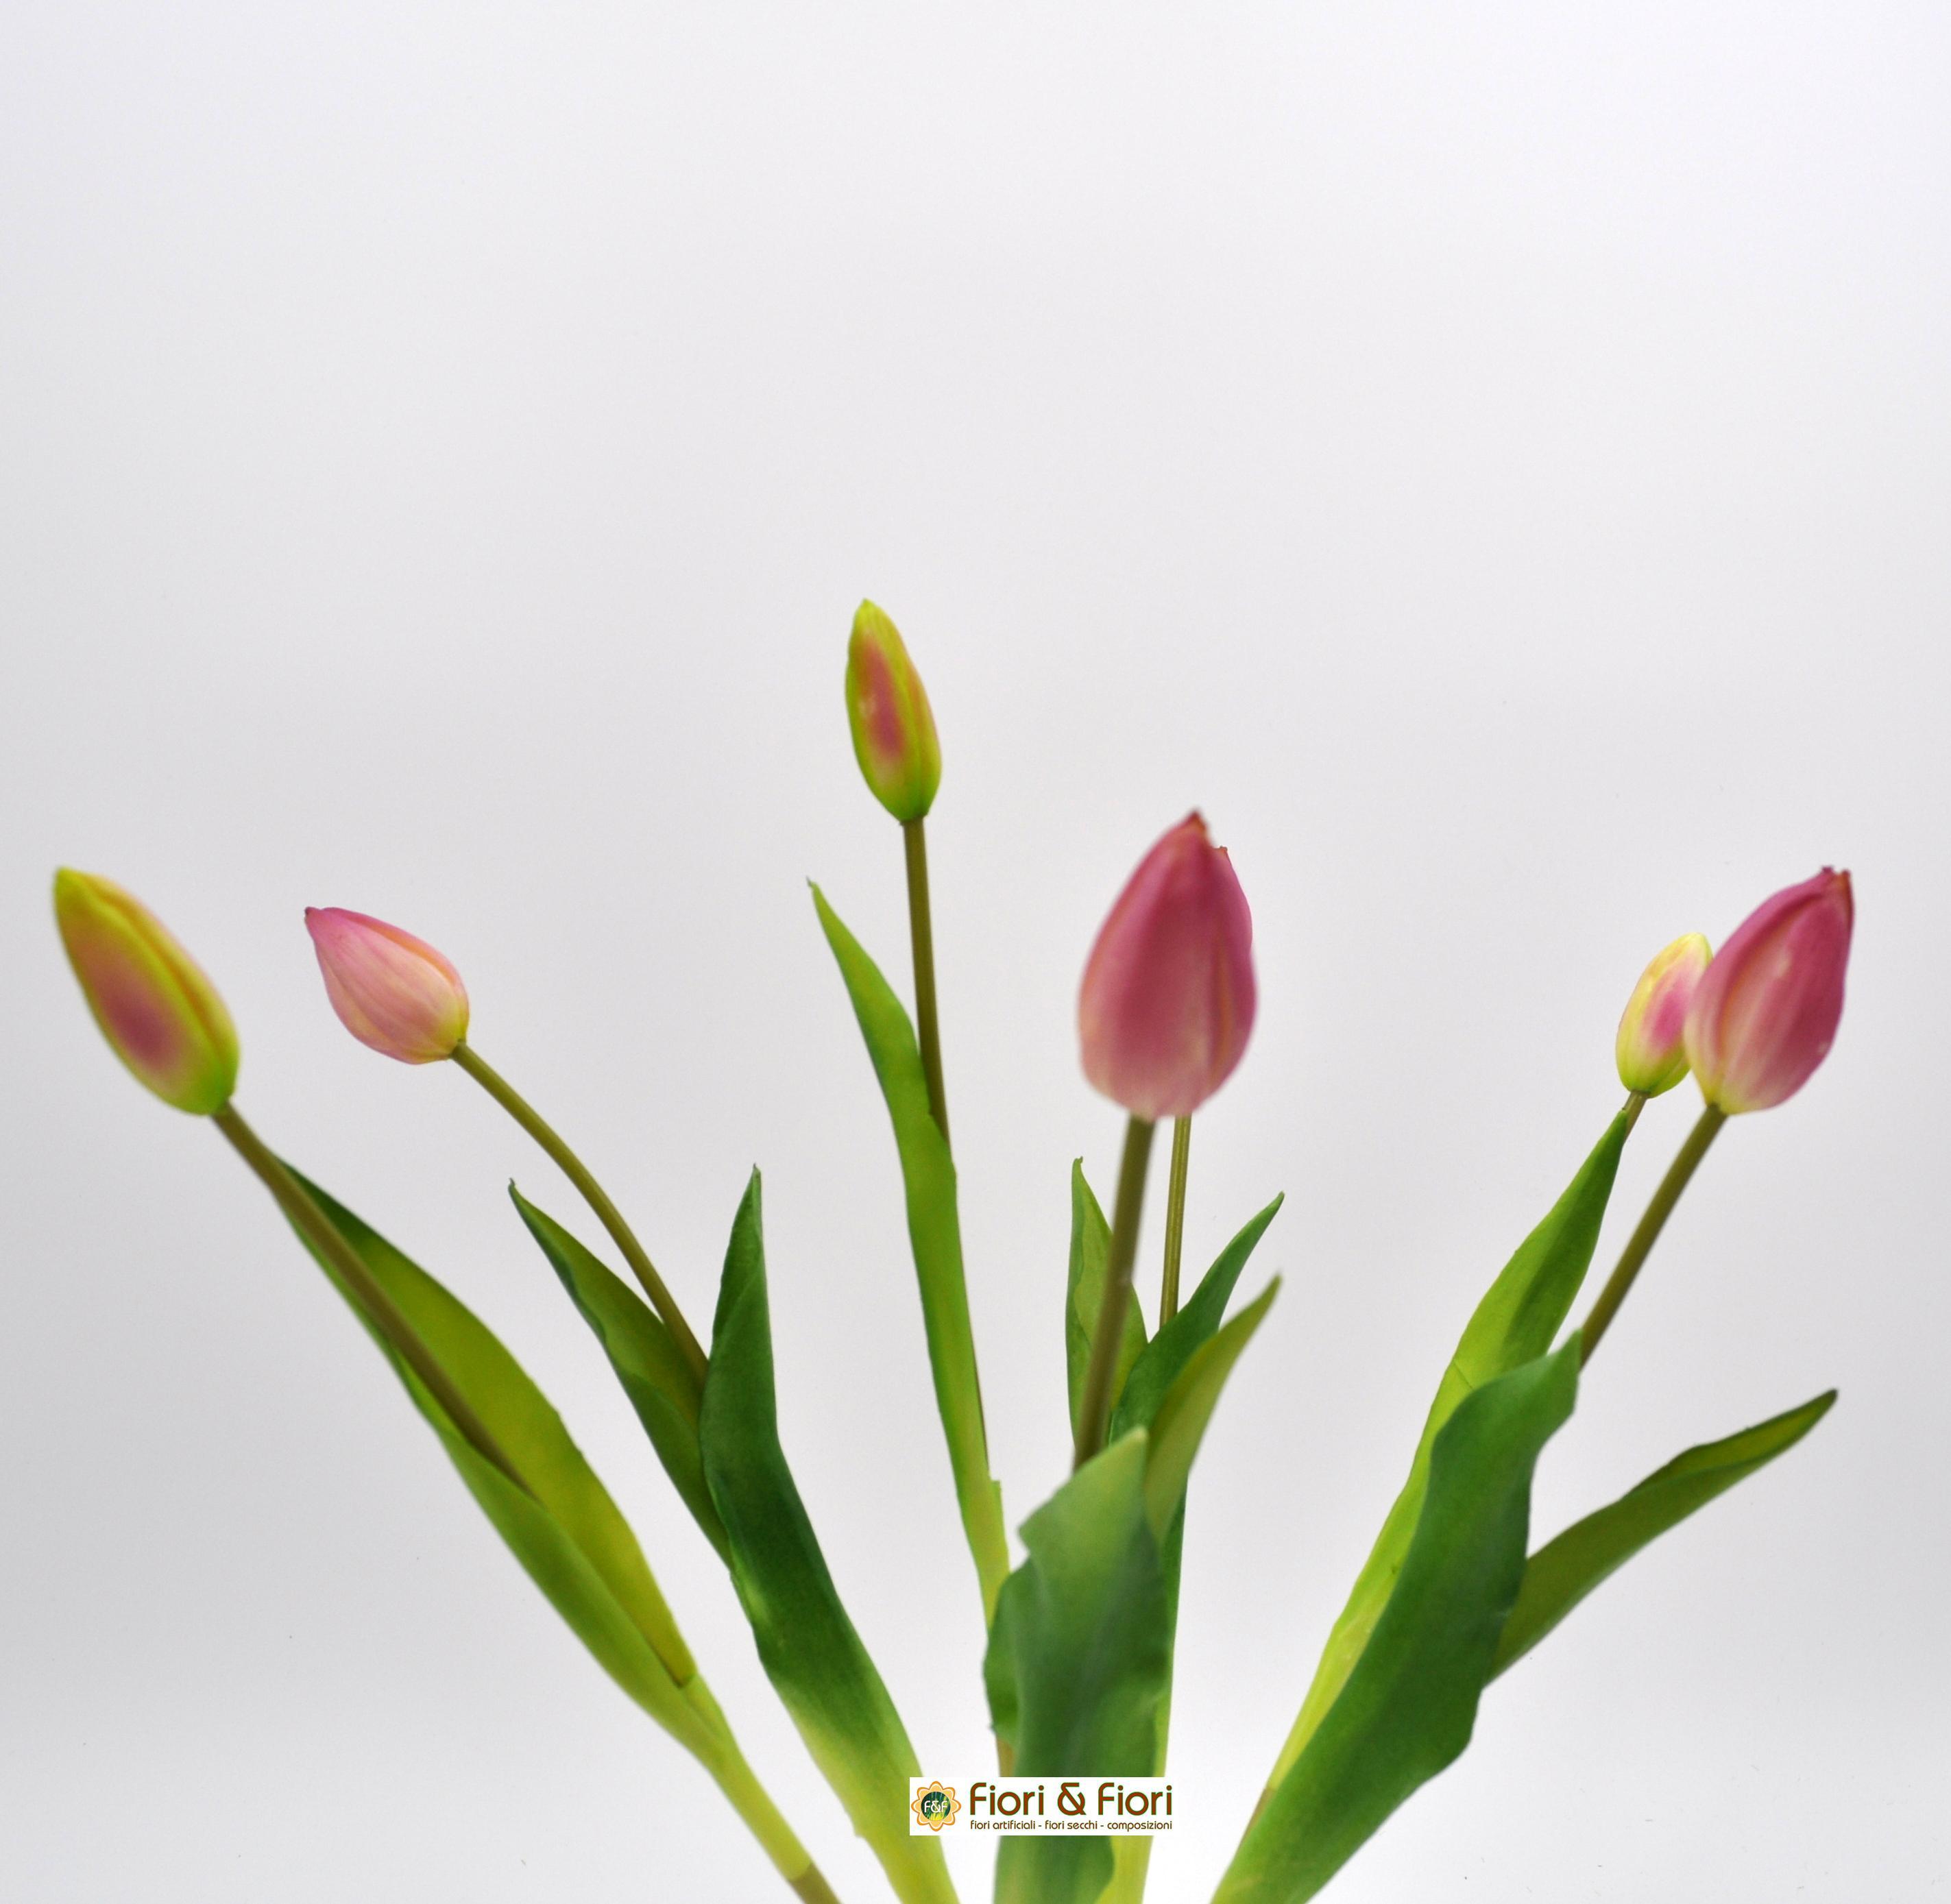 Un Mazzo Di Fiori Composto Da 5 Rose 7 Tulipani.Un Mazzo Di Fiori Composto Da 5 Rose 7 Tulipani